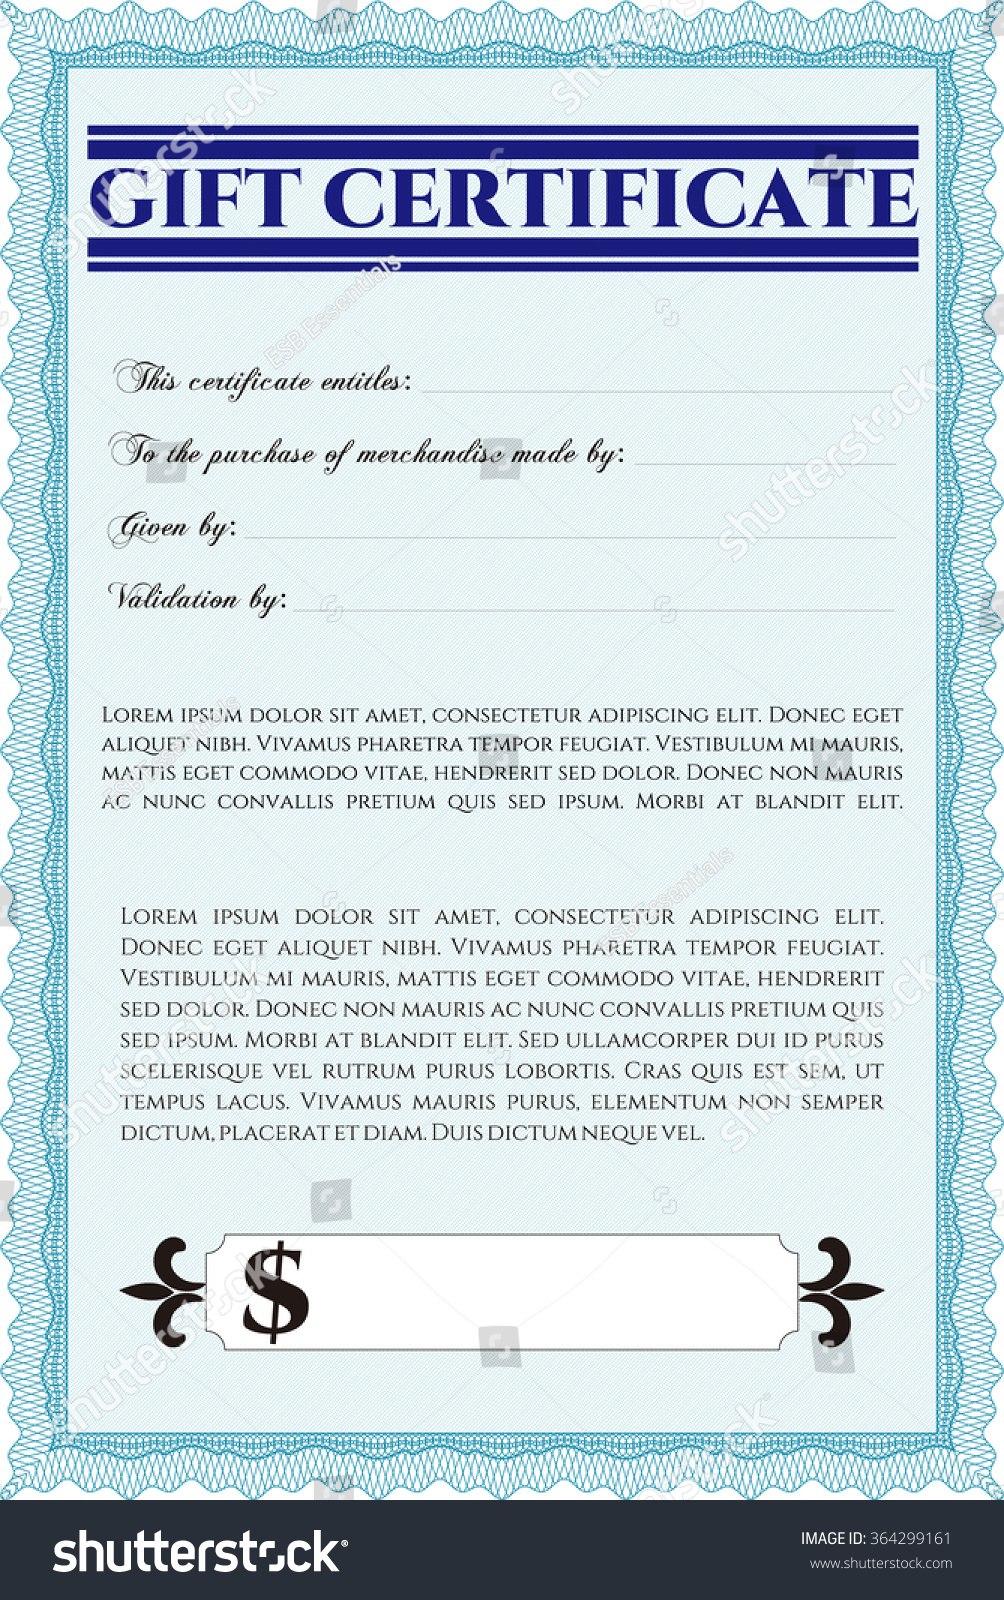 Free Beauty Gift Voucher Template  Sansurabionetassociats In Tennis Gift Certificate Template